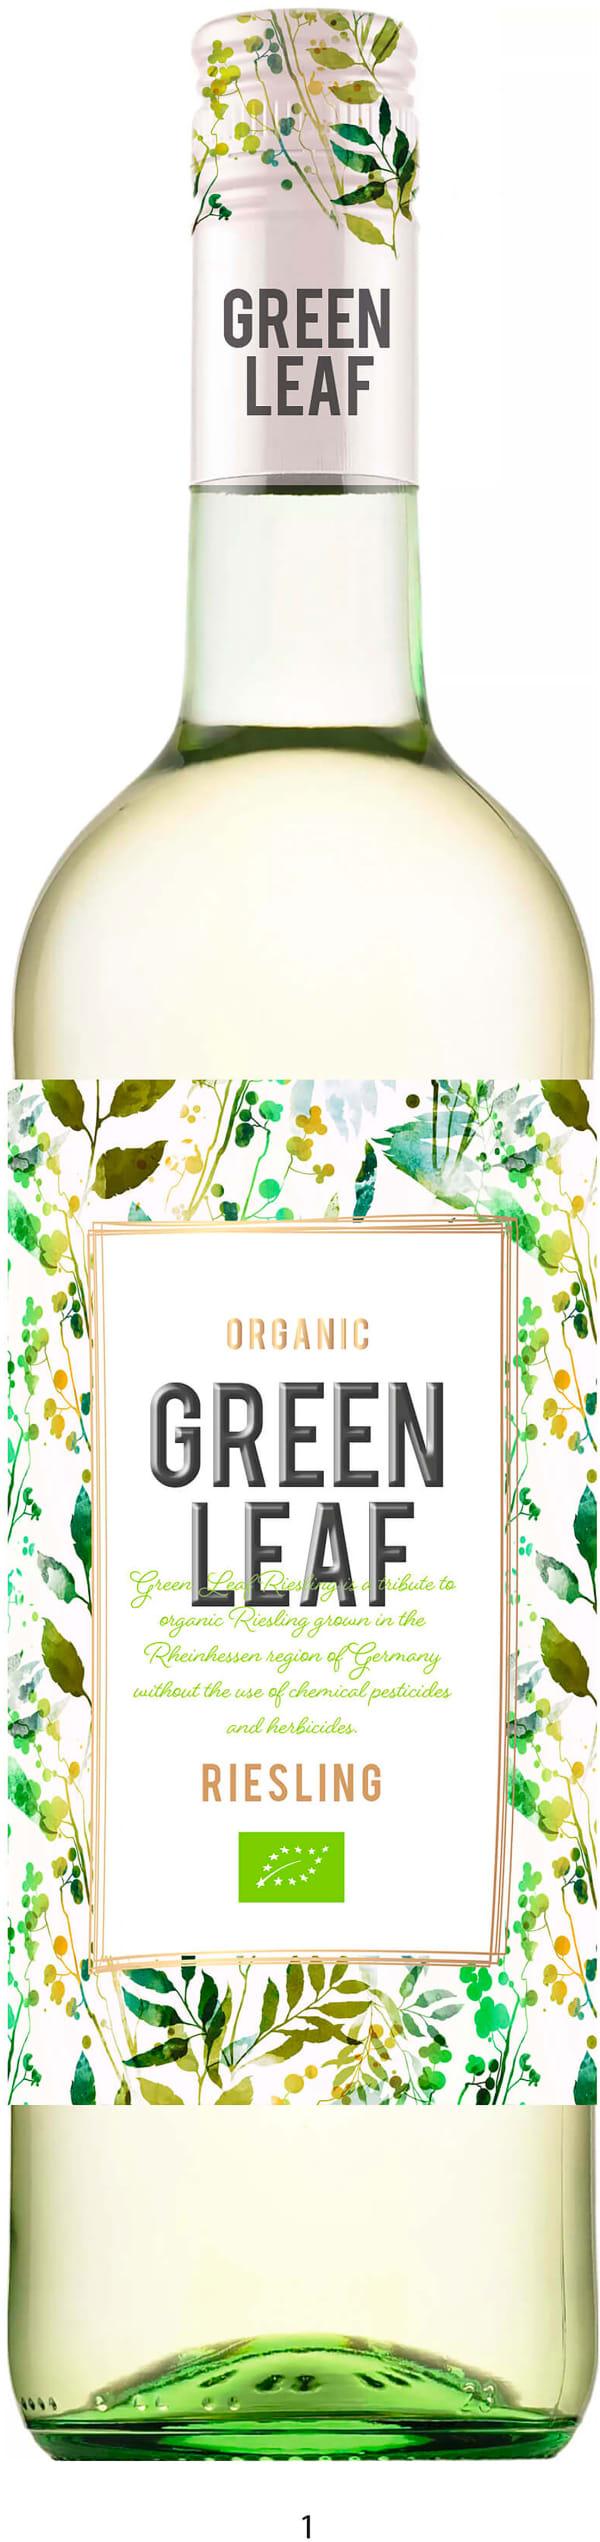 Greenleaf Organic Riesling 2018